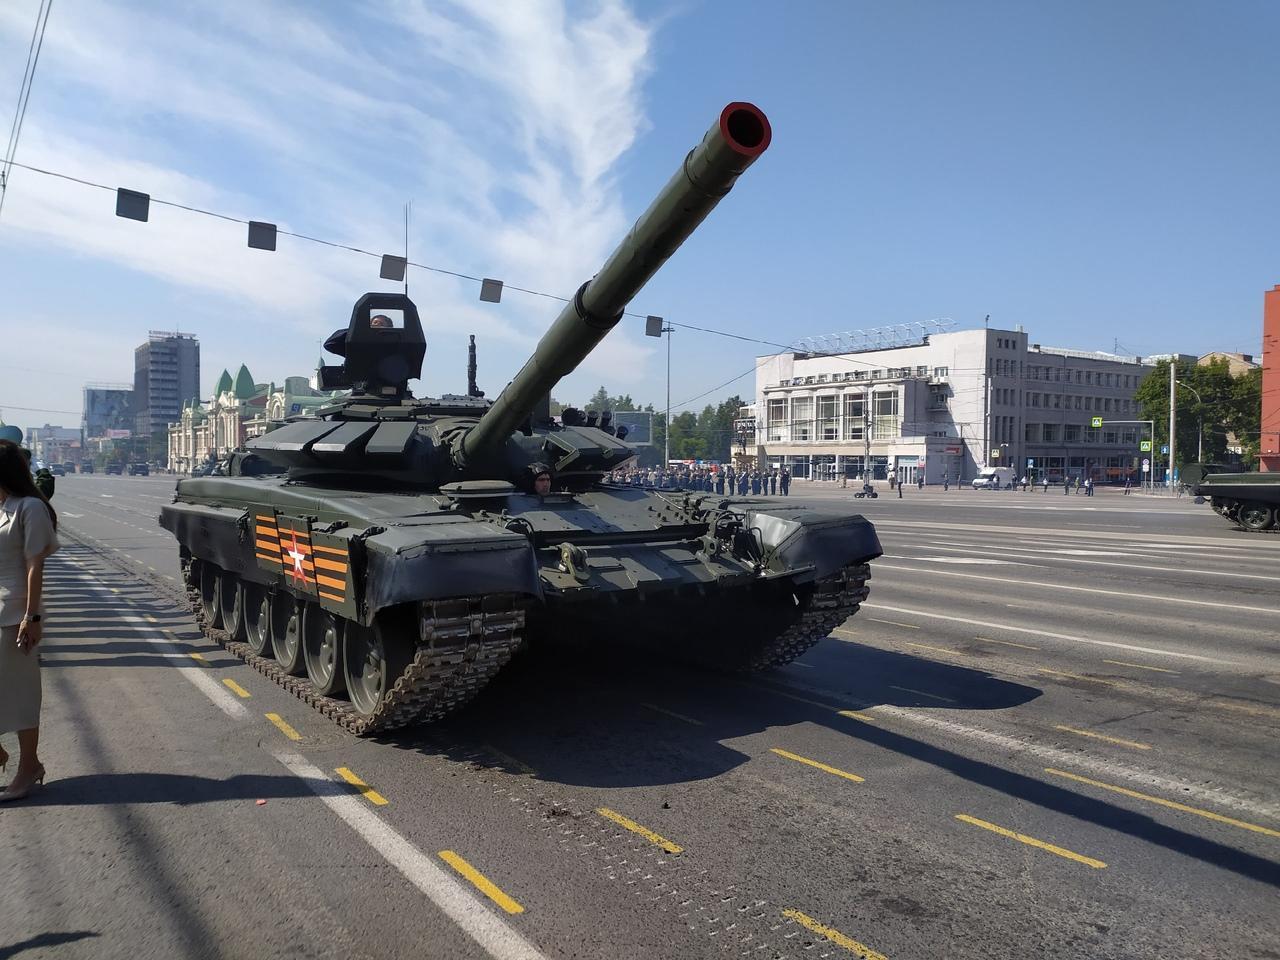 Фото Парад Победы в Новосибирске: лучшие кадры с закрытой для зрителей площади Ленина 5